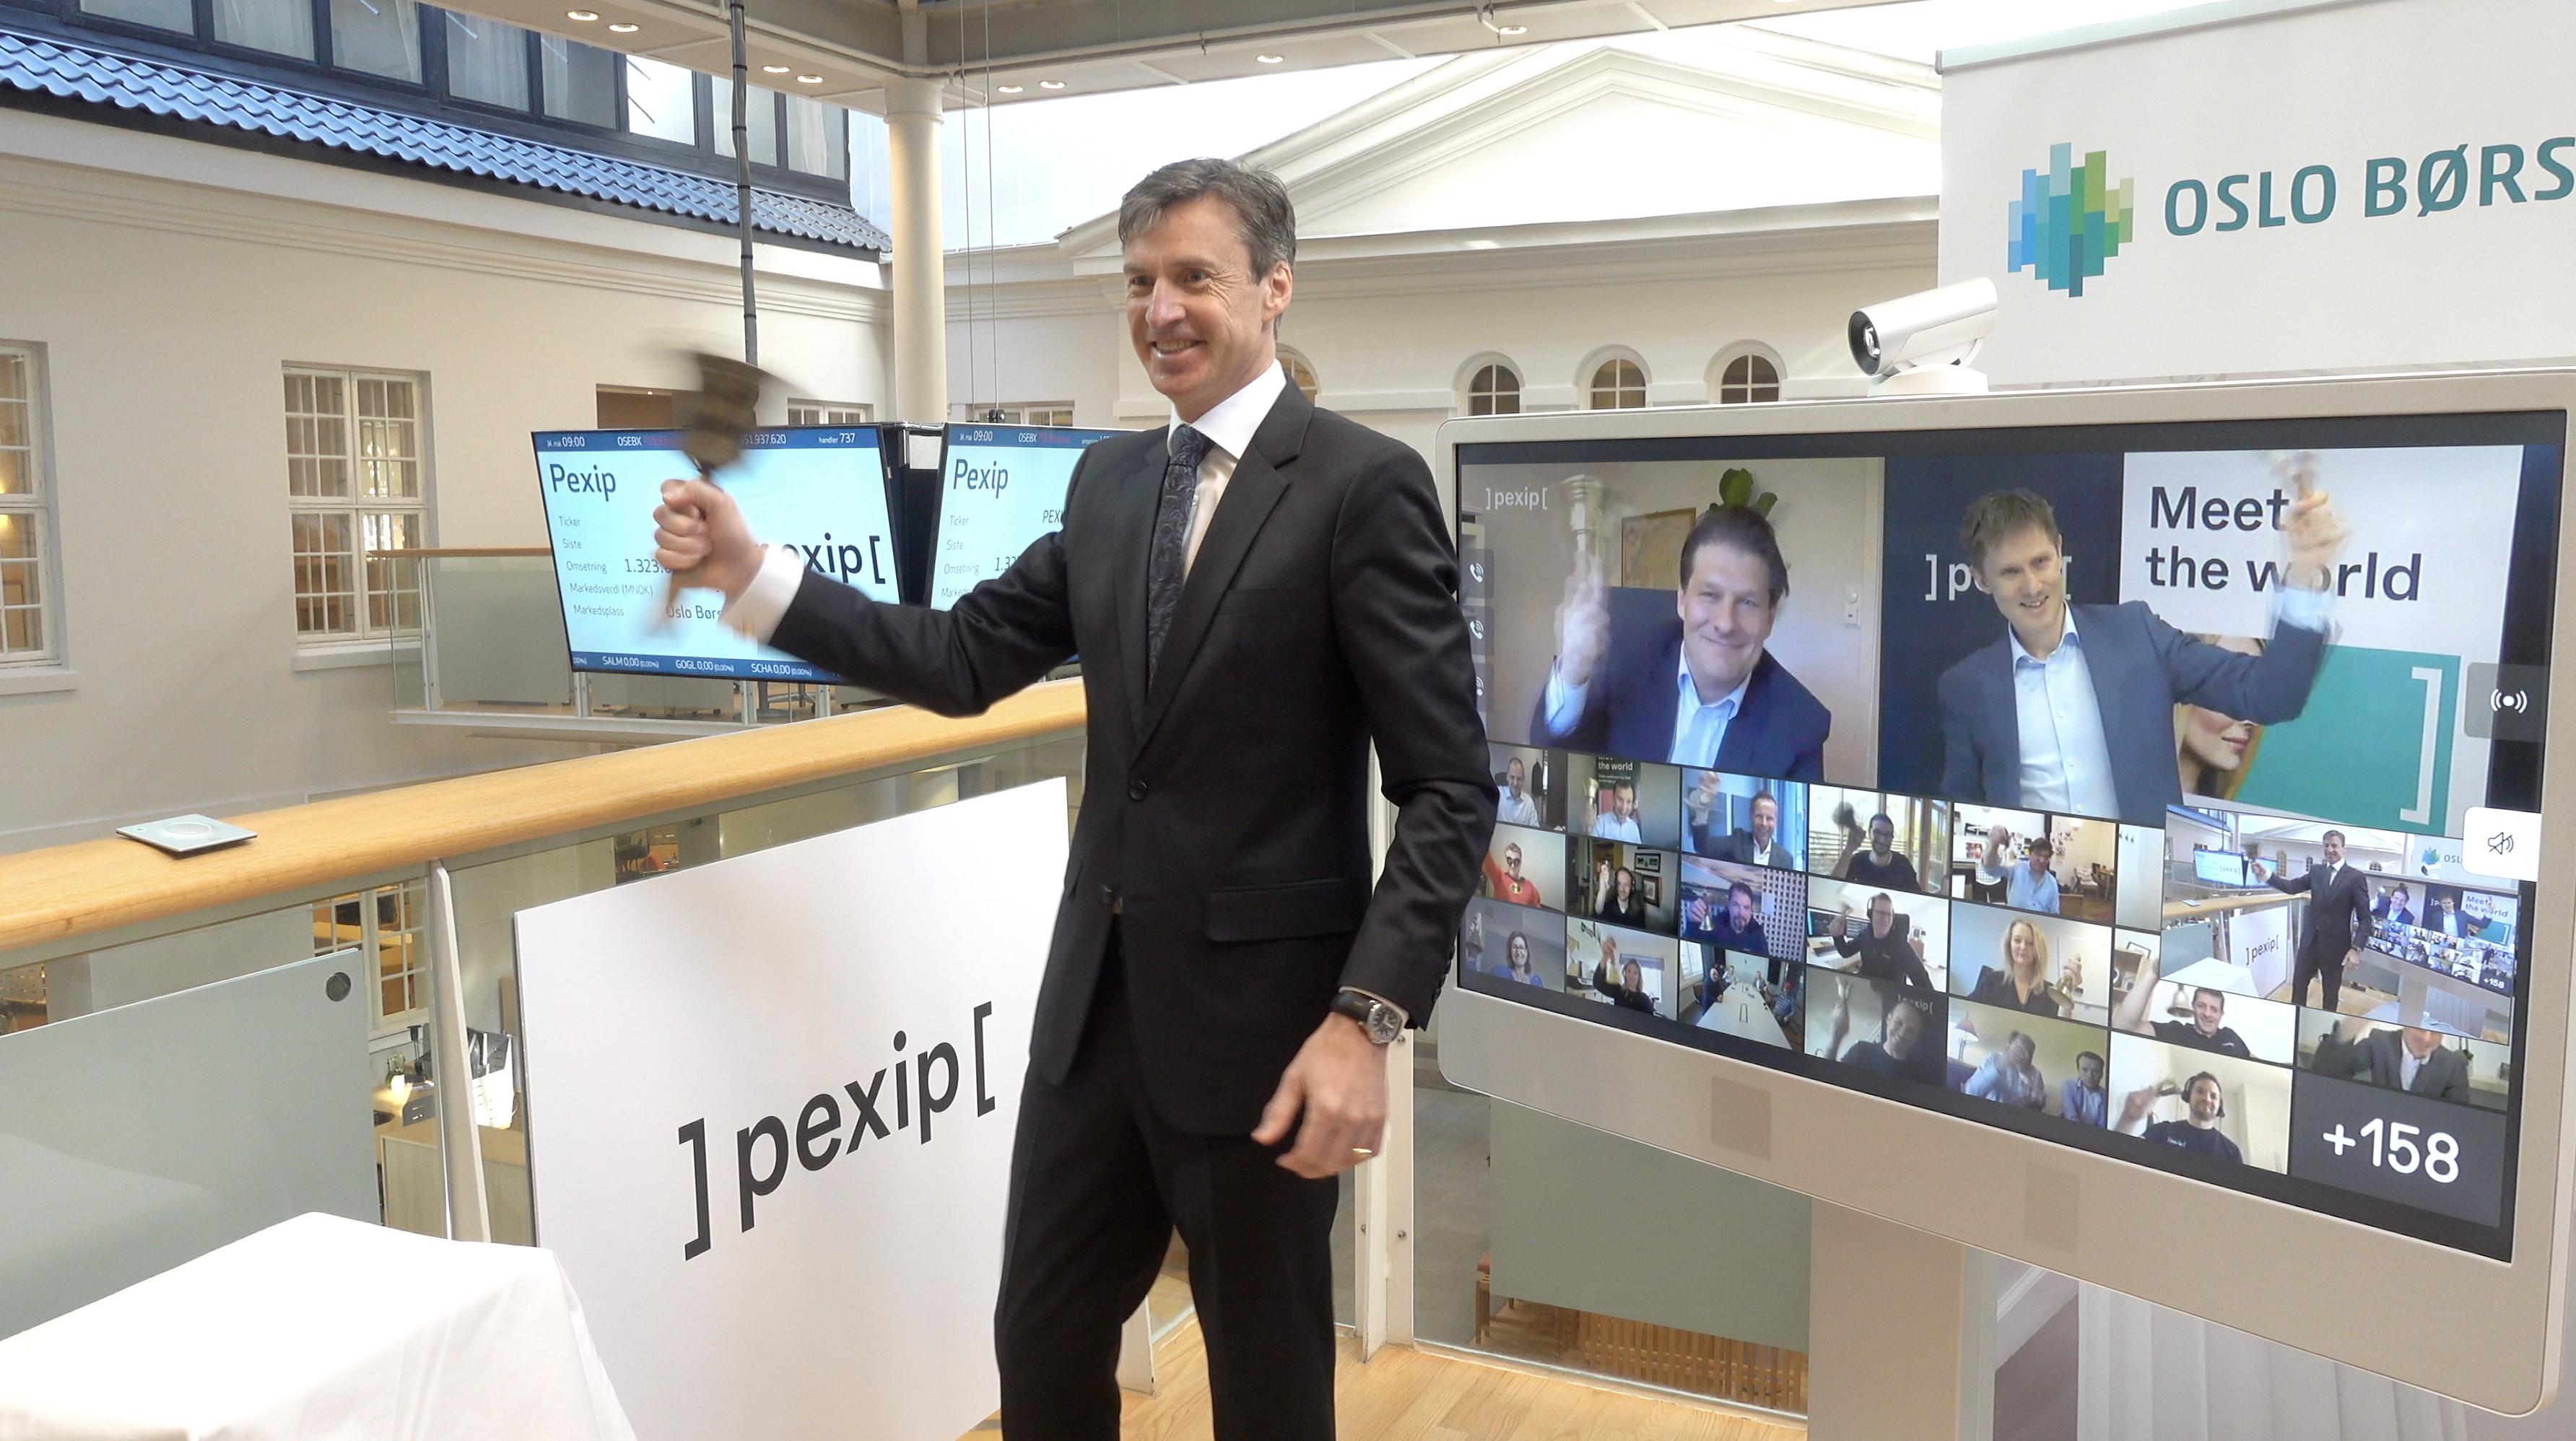 Börsnotering av Pexip